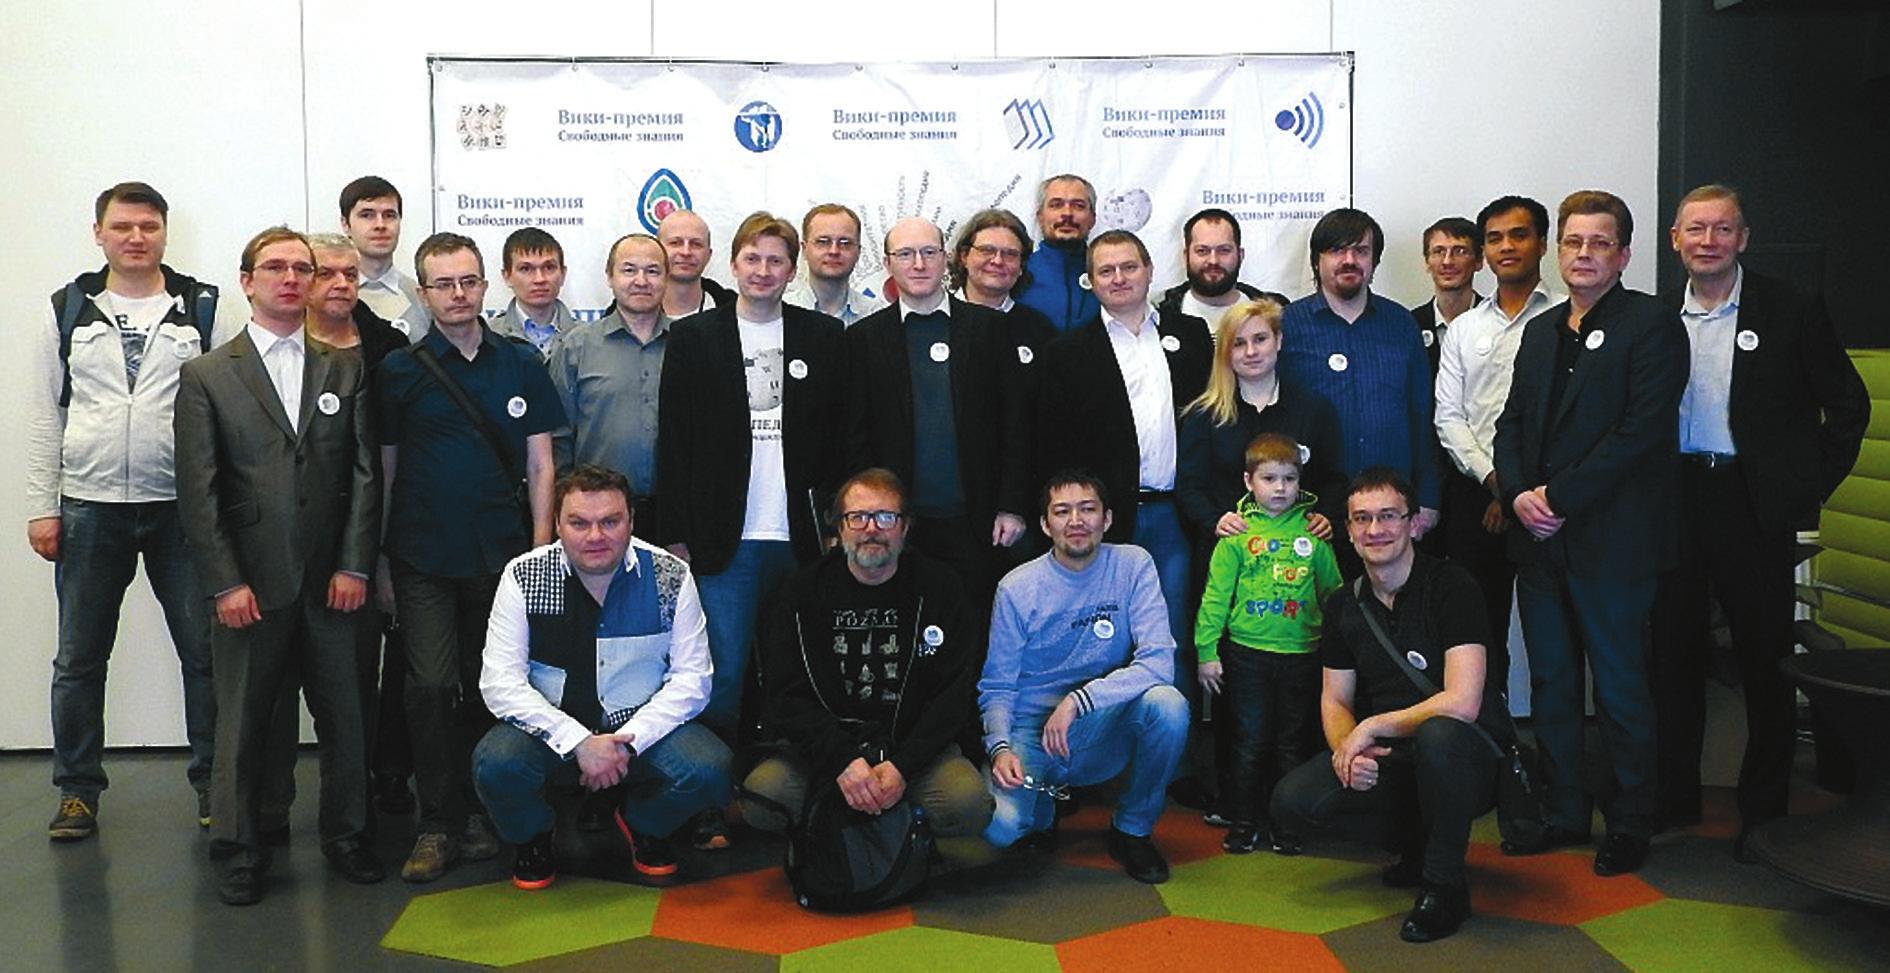 Участники церемонии вручения Вики-премии и премии «Свободные знания», 2017 год. Фото ZUFAr, CC BY-SA 4.0